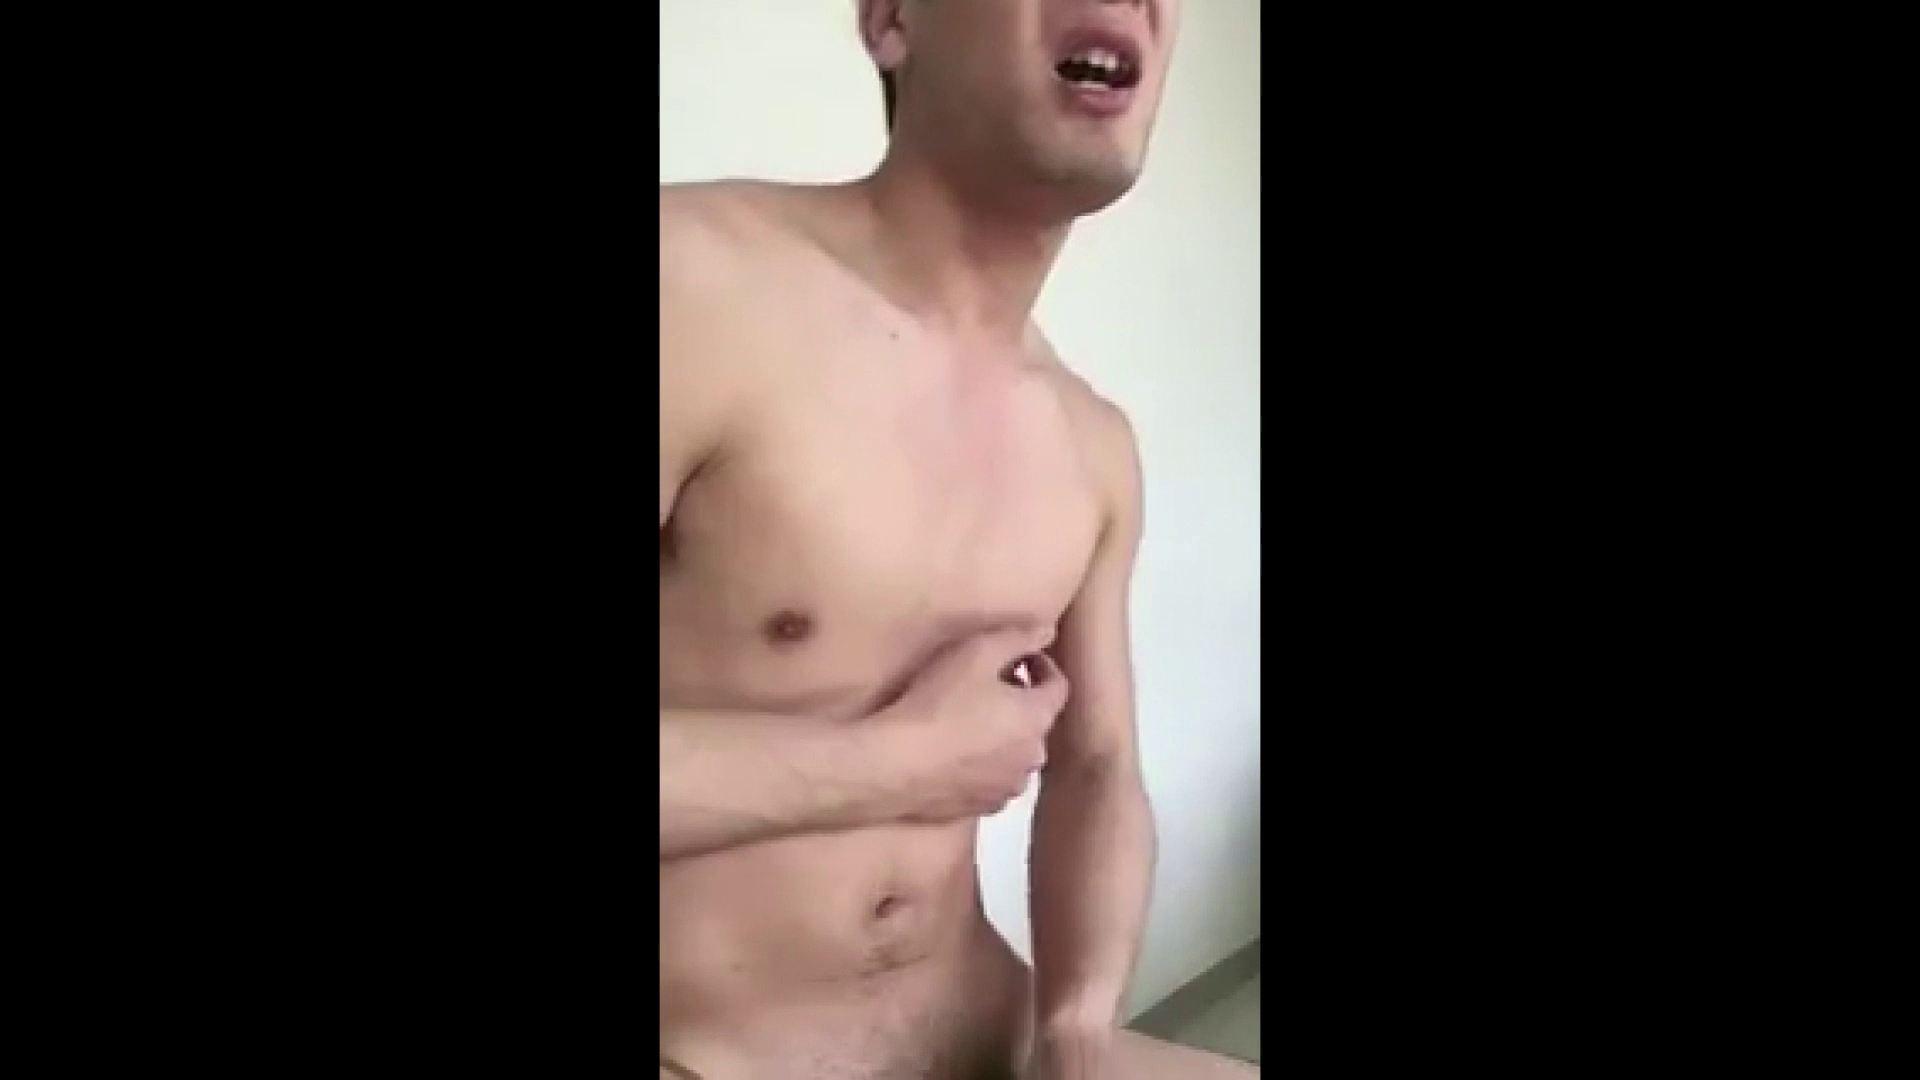 個人撮影 自慰の極意 Vol.5 個人撮影 ゲイエロ動画 115枚 89